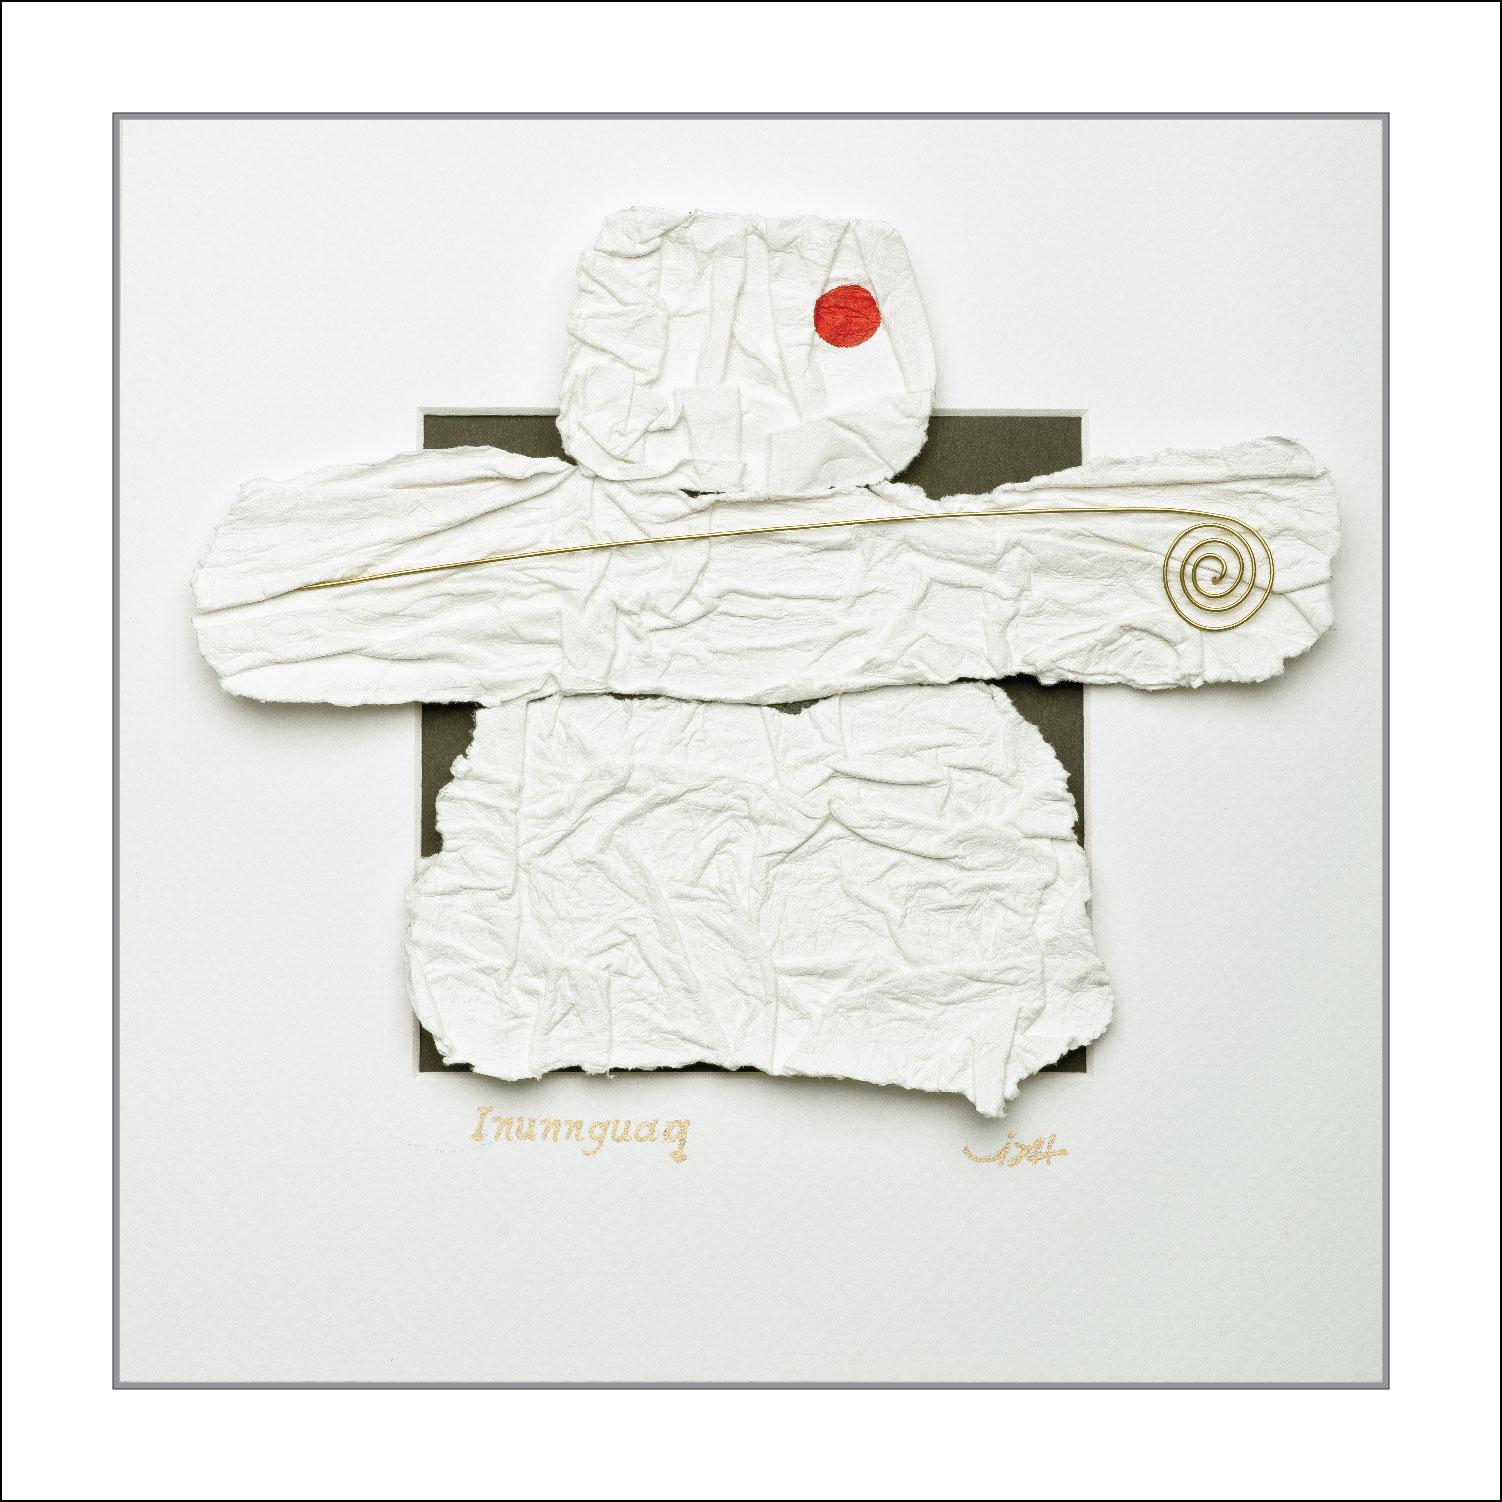 ''Inunnguaq'' Tableau-Sculpture en papier sans acide 185 gr, ajout de fil de laiton, acrylique dans un écrin blanc vitré de 10 po. X 10 po.